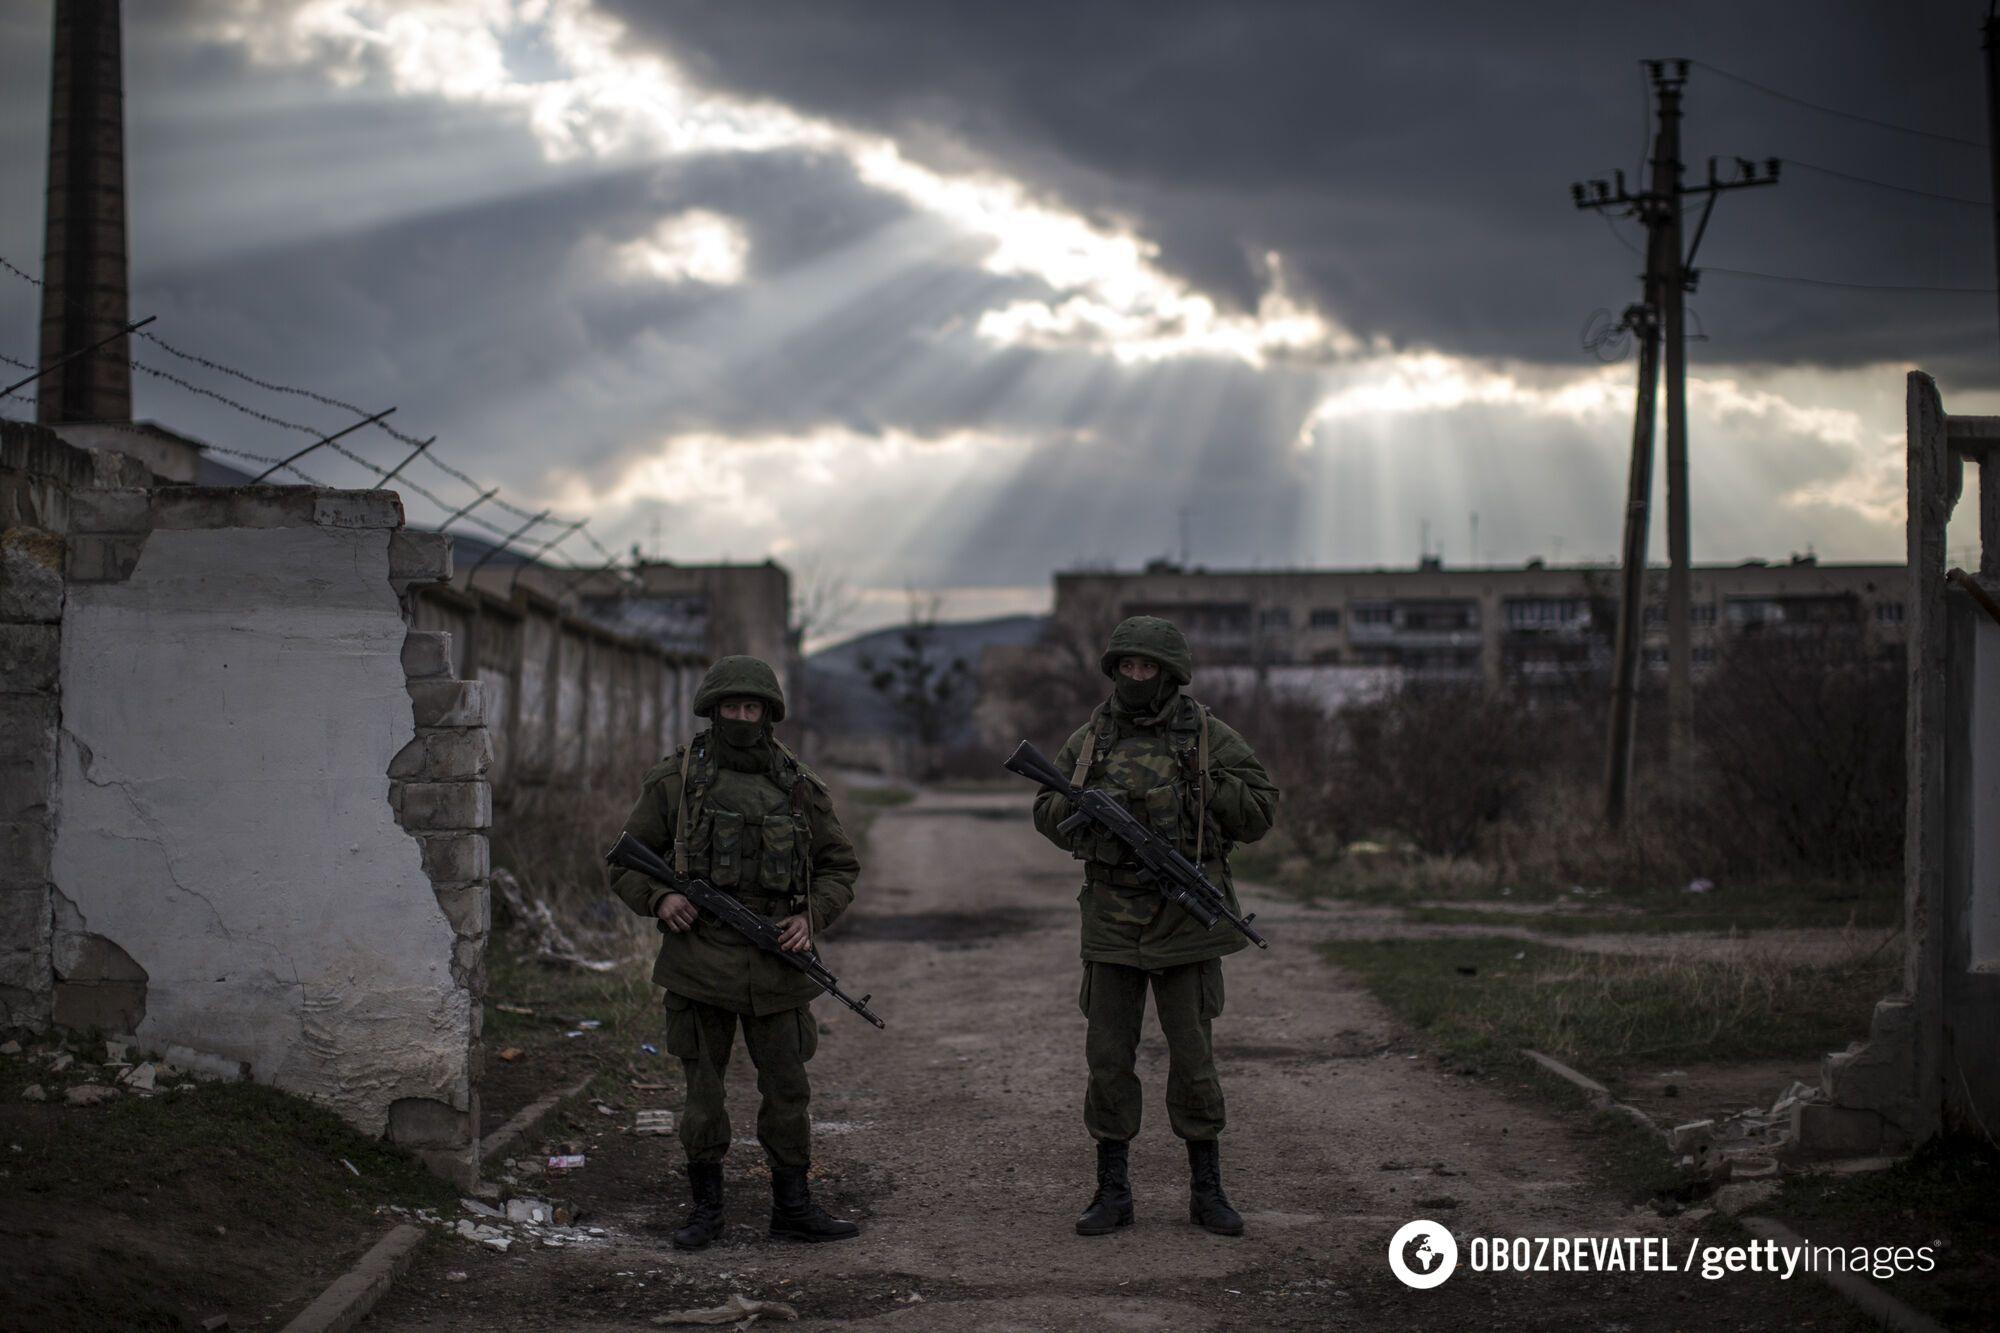 Російські війська без розпізнавальних знаків окупували український півострів Крим у березні 2014 року